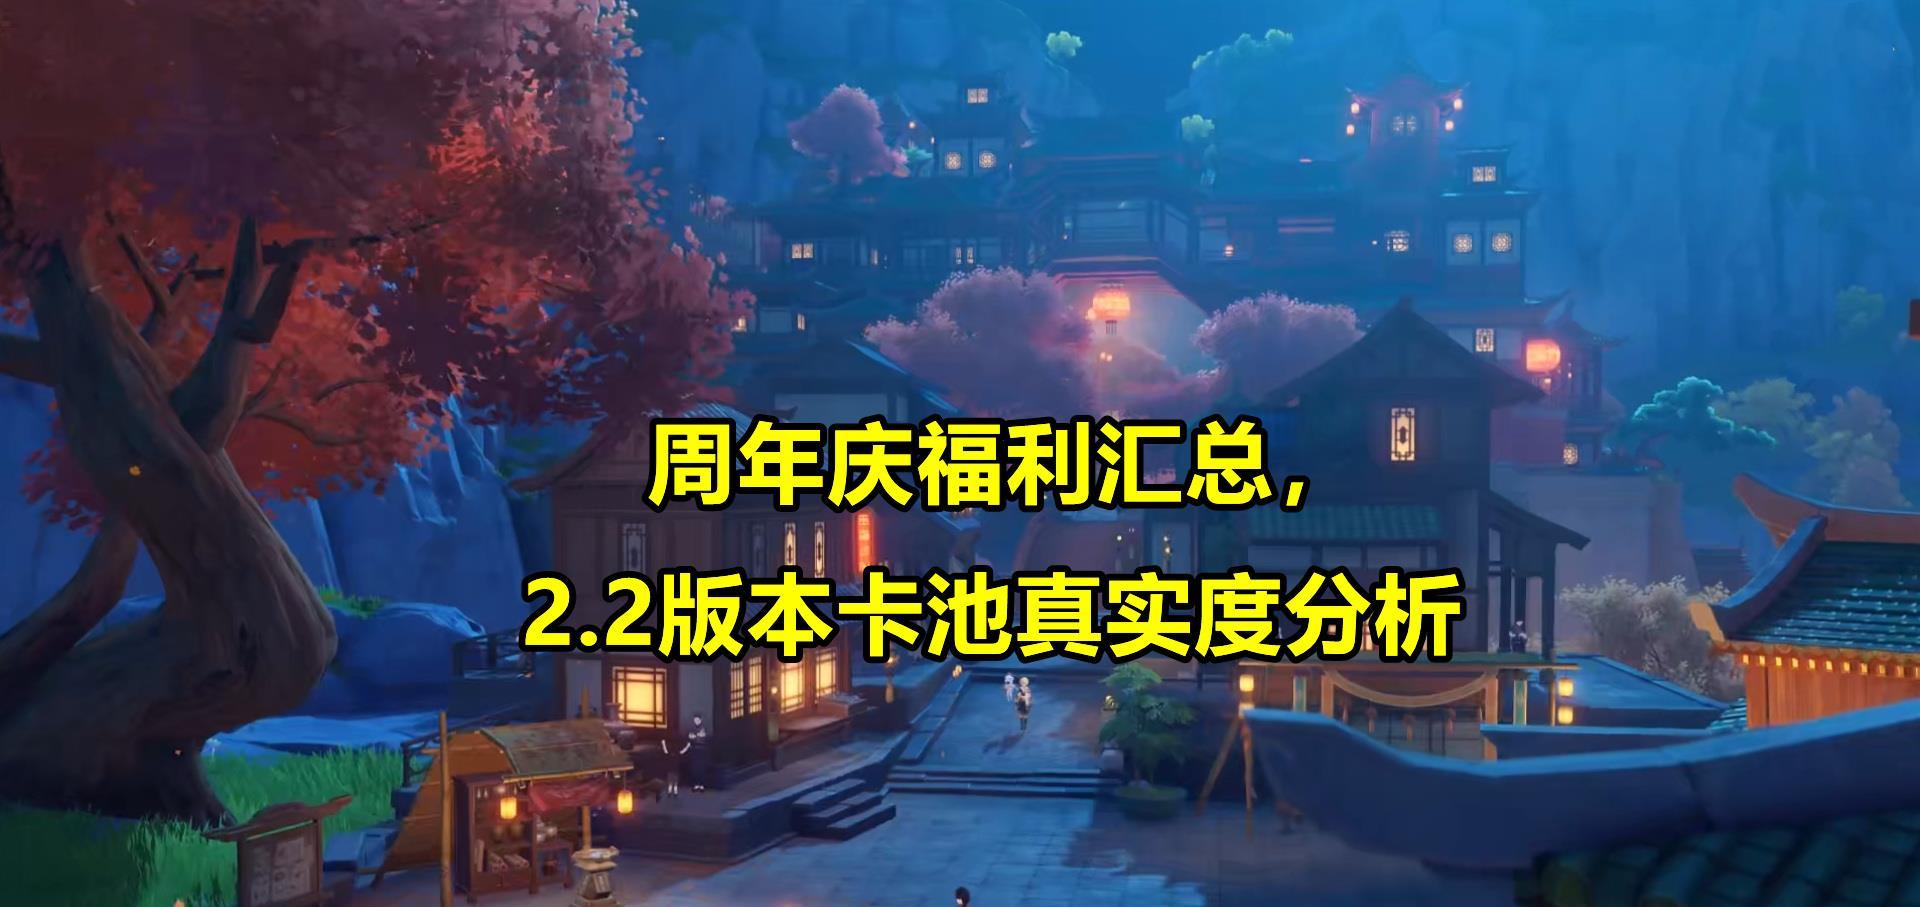 原神:周年慶送5階武器!2.2版本卡池流出,阿莫斯或將復刻?-圖7